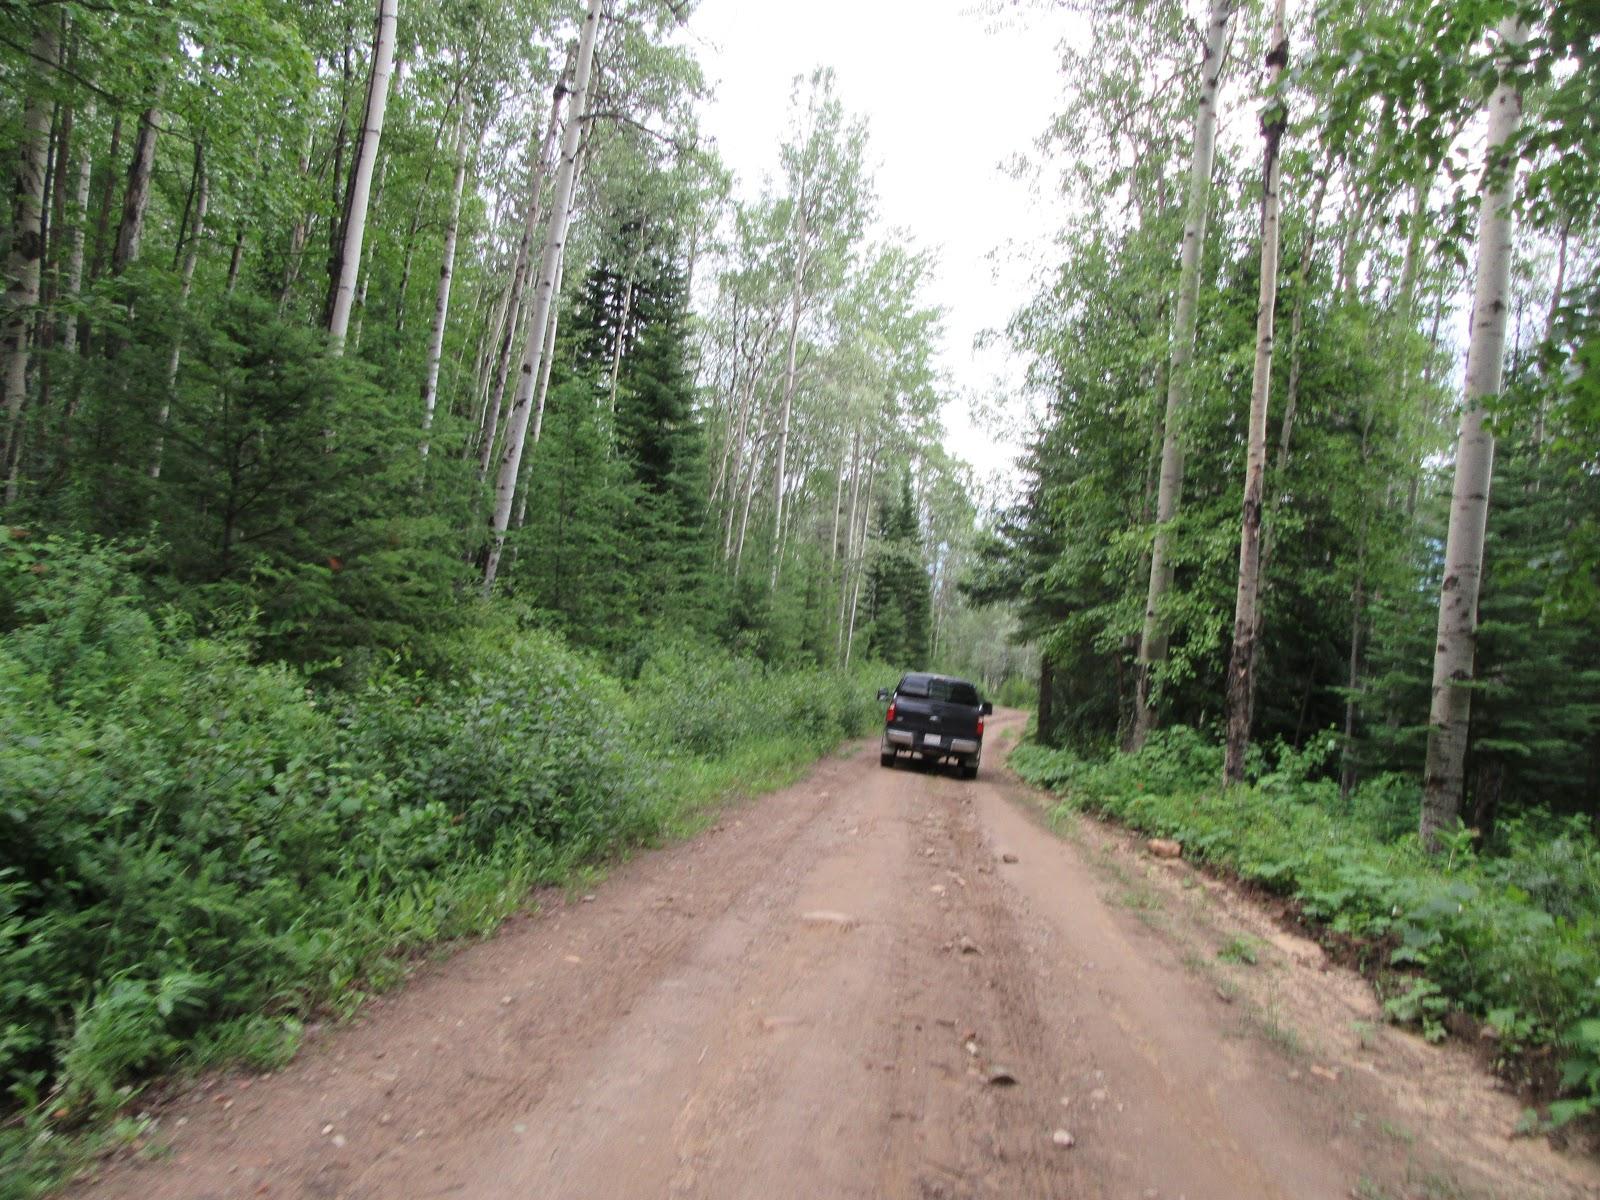 Cycling McBride Peak - dirt road with car